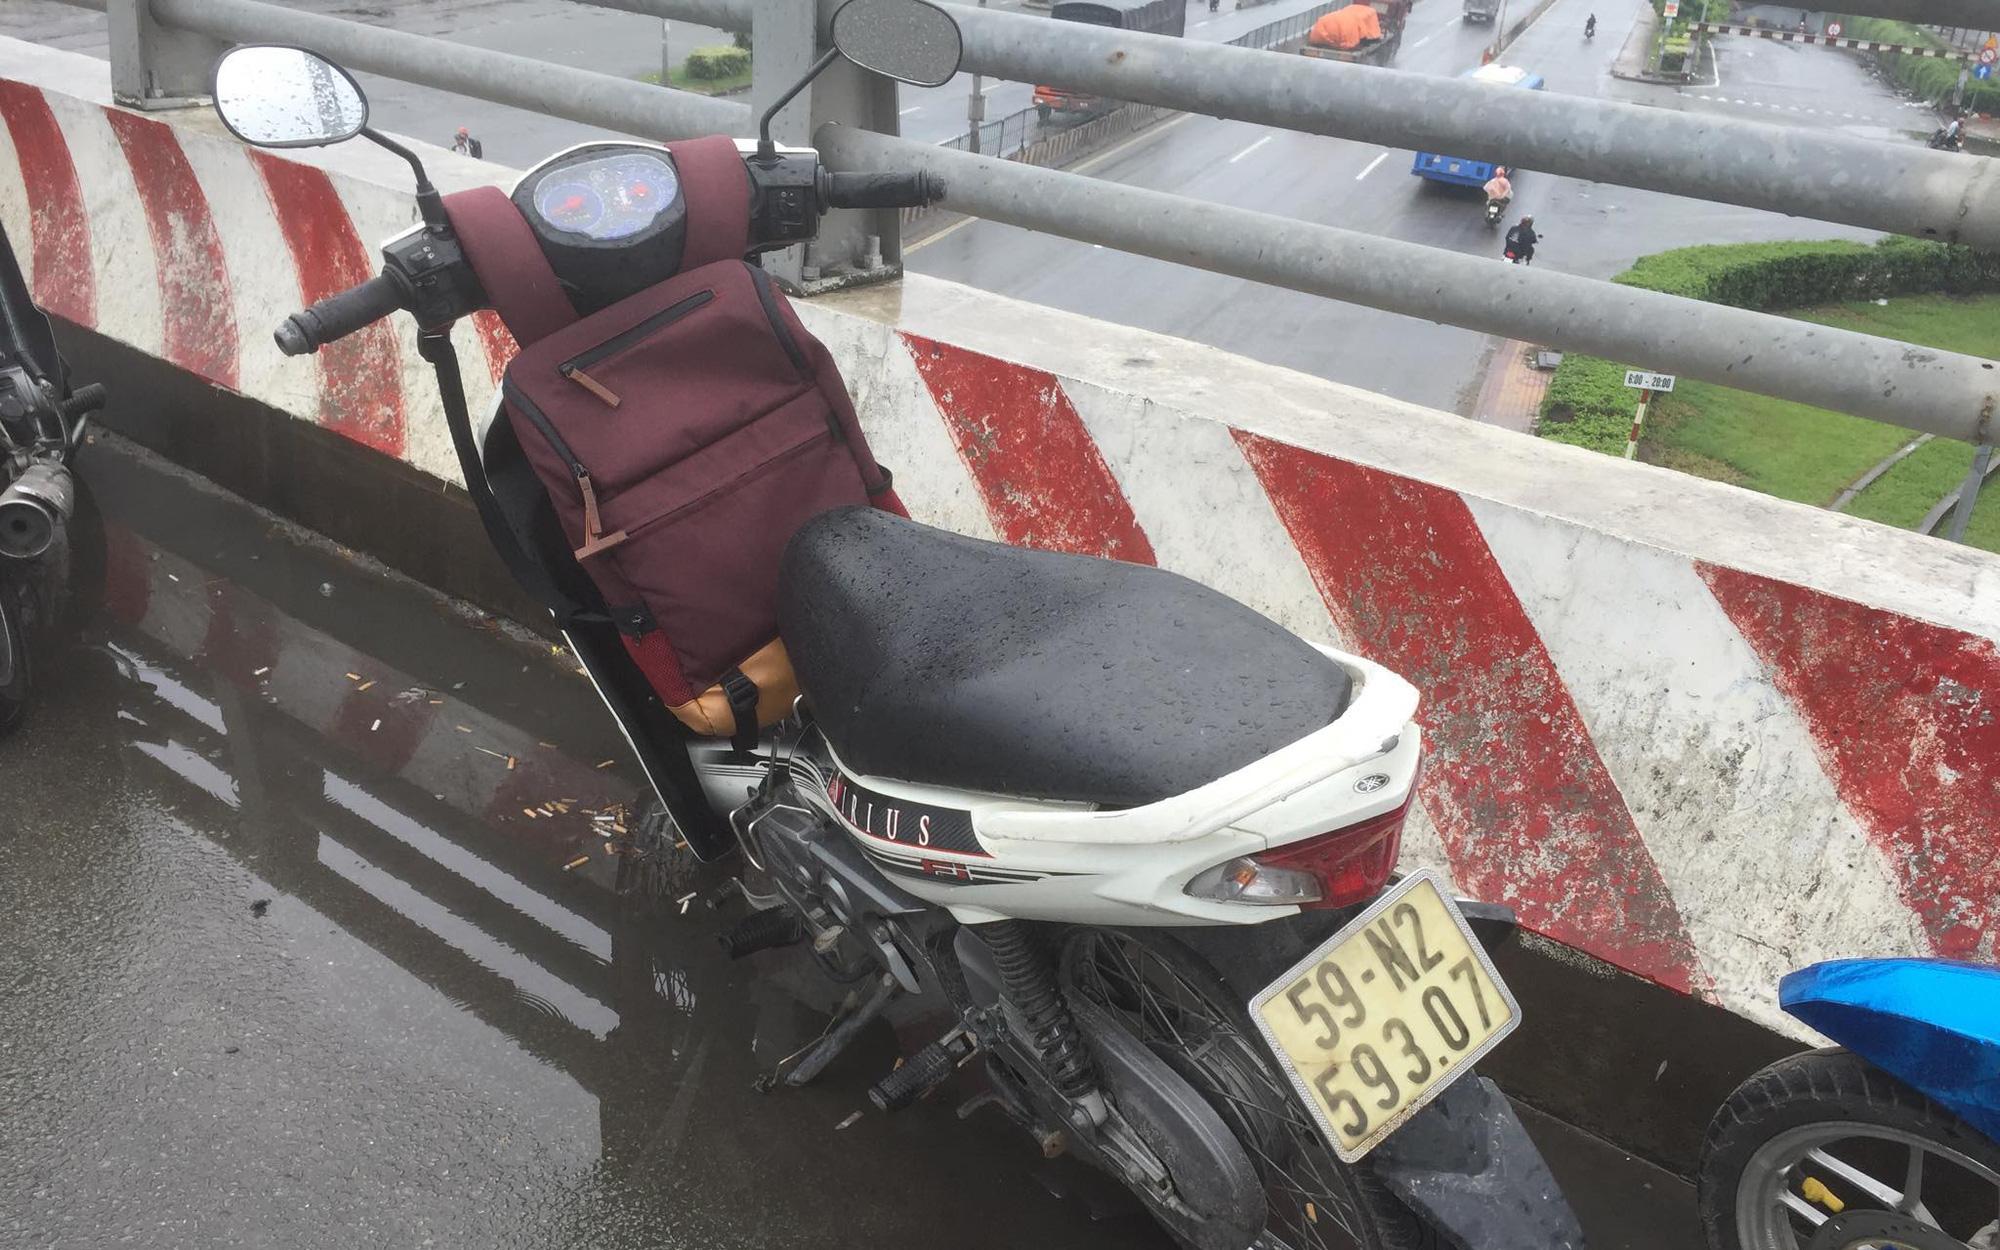 TP. HCM: Bỏ lại xe máy, nam sinh viên đại học FPT nghi nhảy từ cầu vượt xuống đất tự tử